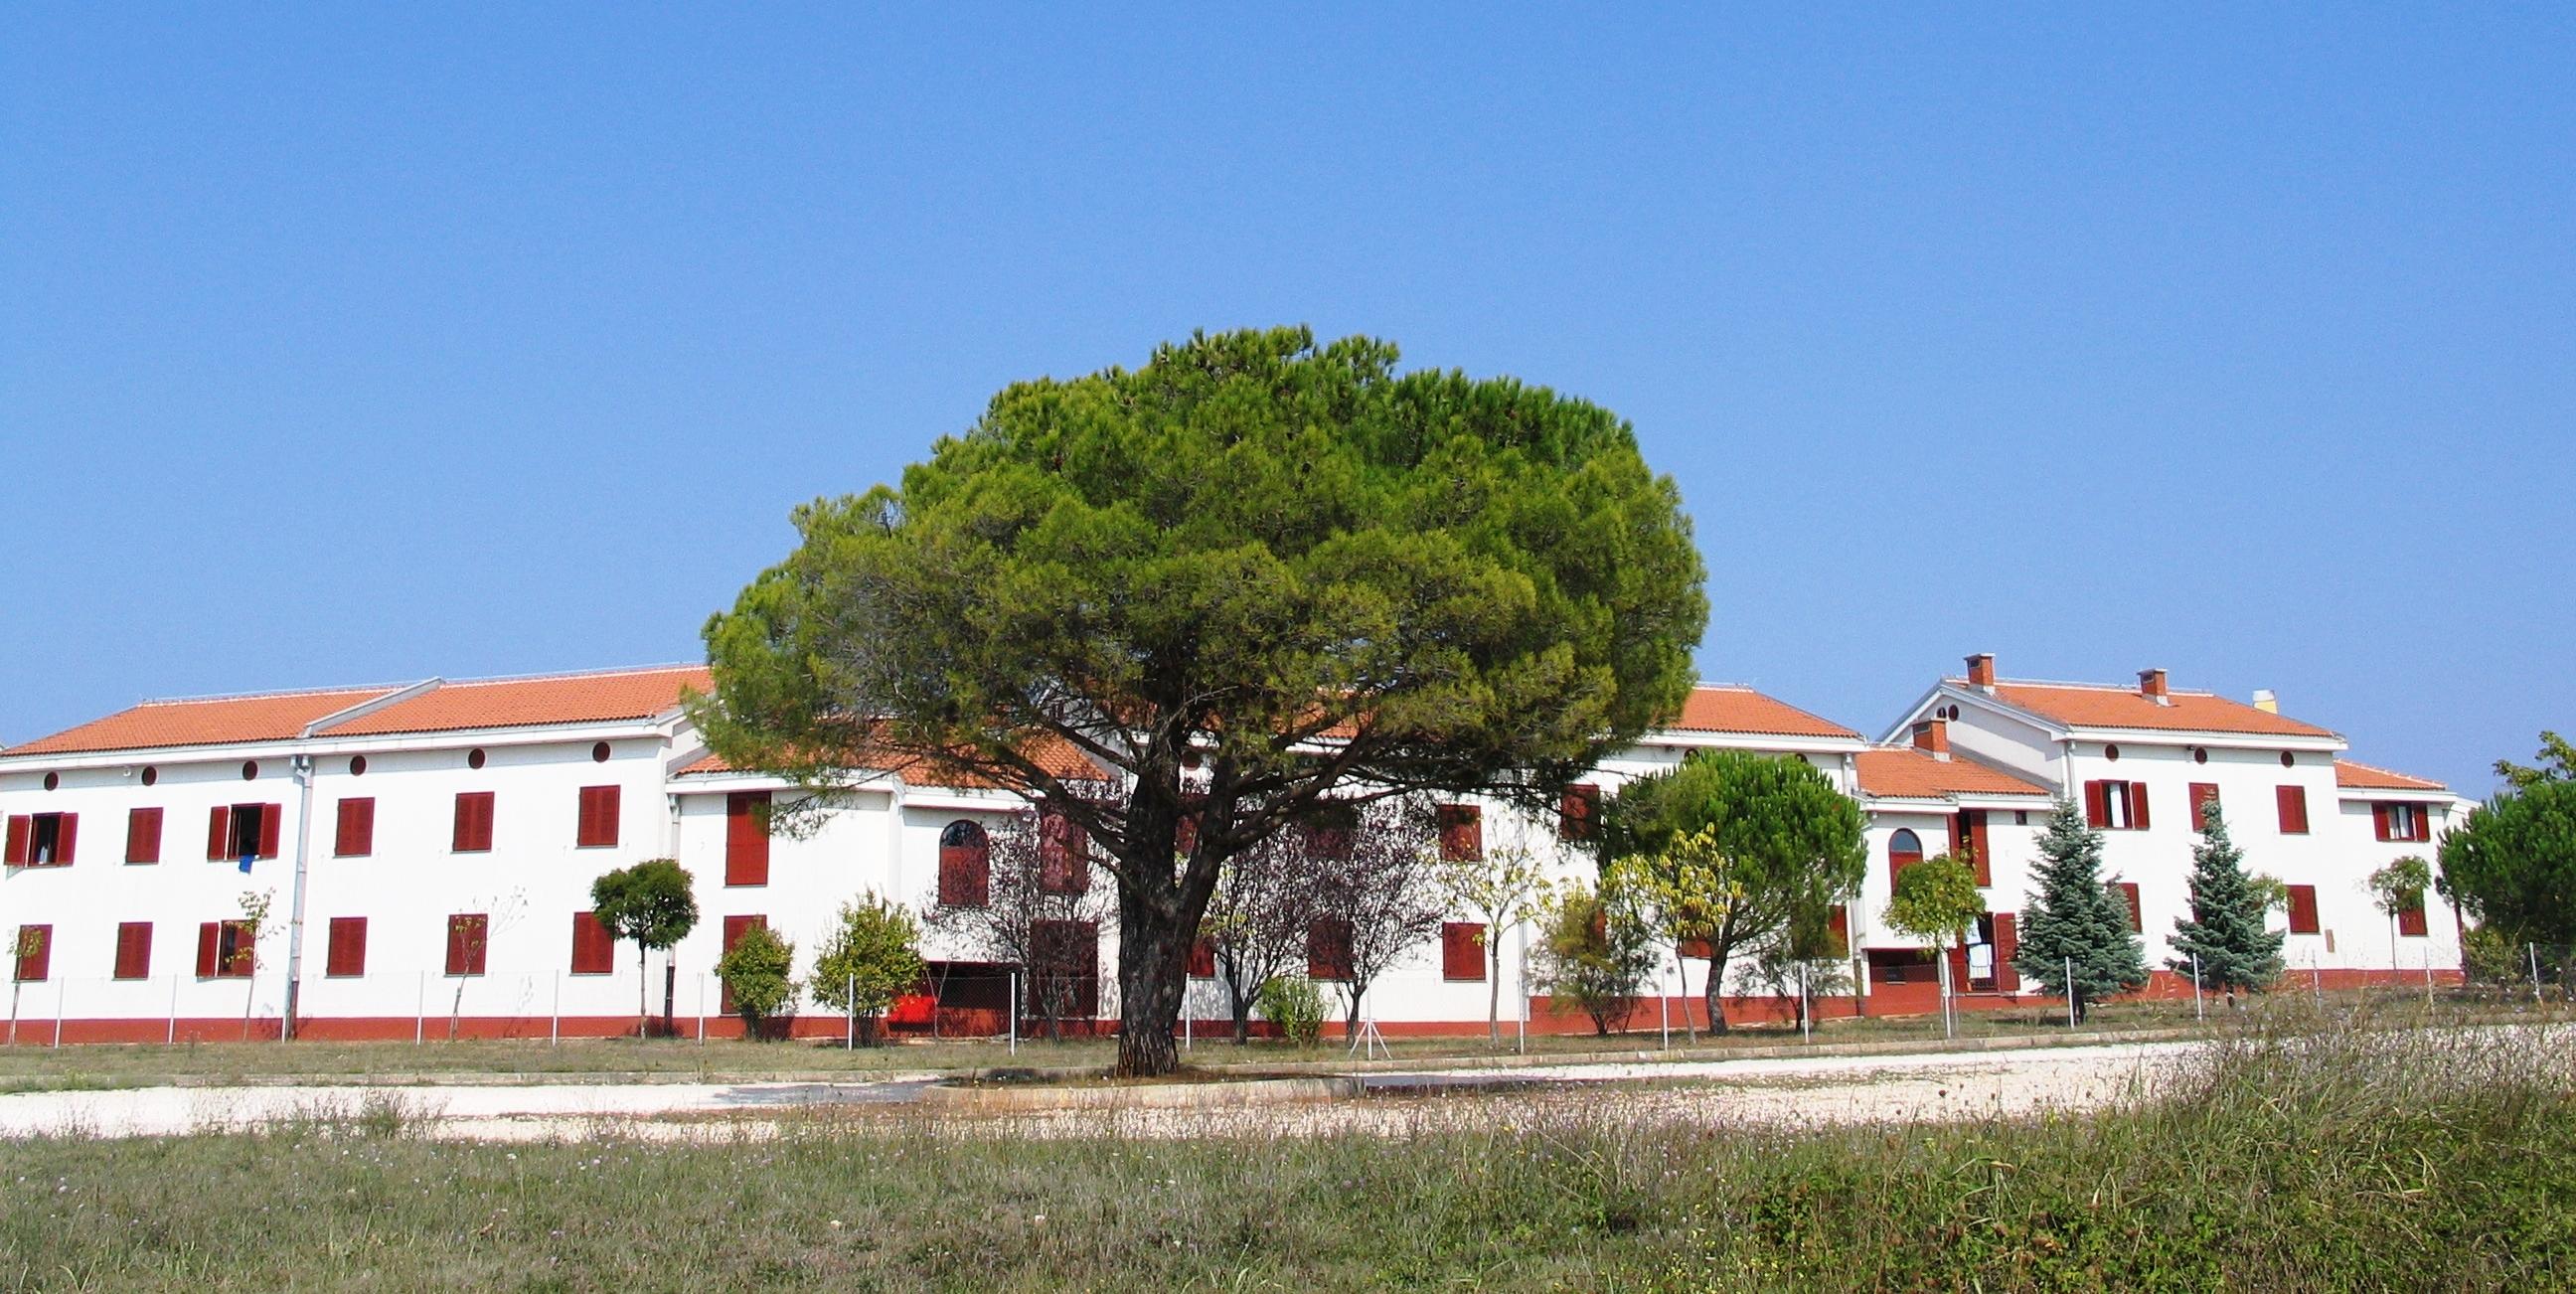 Vzgojno izobraževalni in rekreacijski center v Poreču (VIRC)